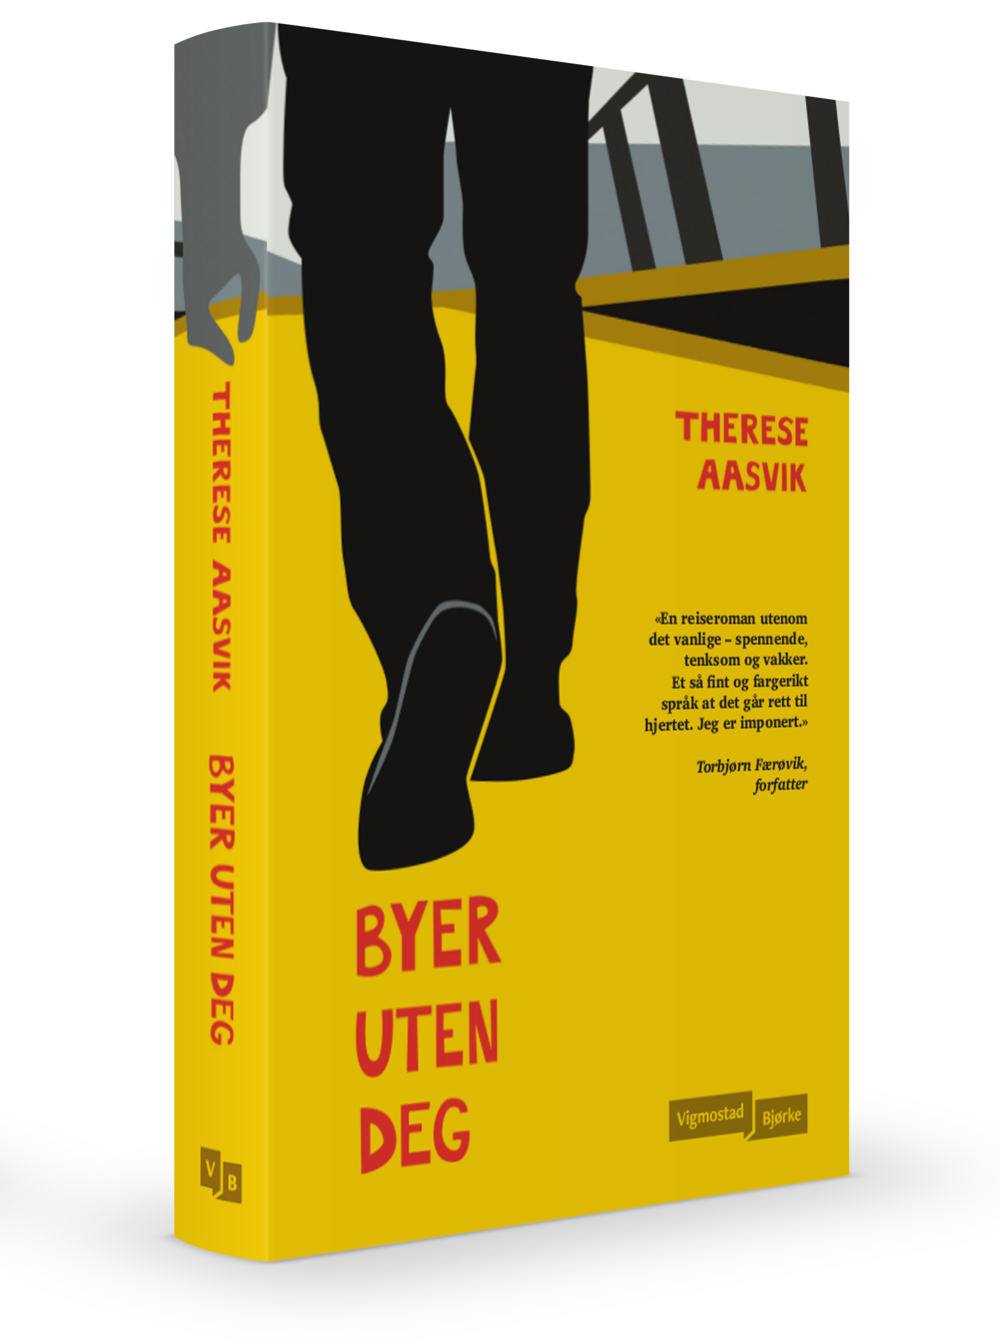 «En reiseroman utenom det vanlige – spennende, tenksom og vakker. Et så fint og fargerikt språk at det går rett til hjertet. Jeg er imponert.» (Torbjørn Færøvik, forfatter)  LES MER